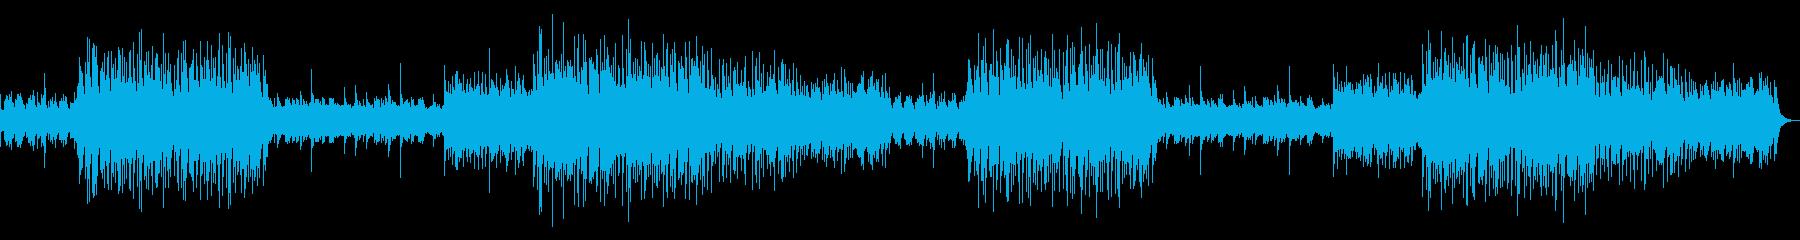 琴、ピアノ 和食屋に合いそうなBGMの再生済みの波形